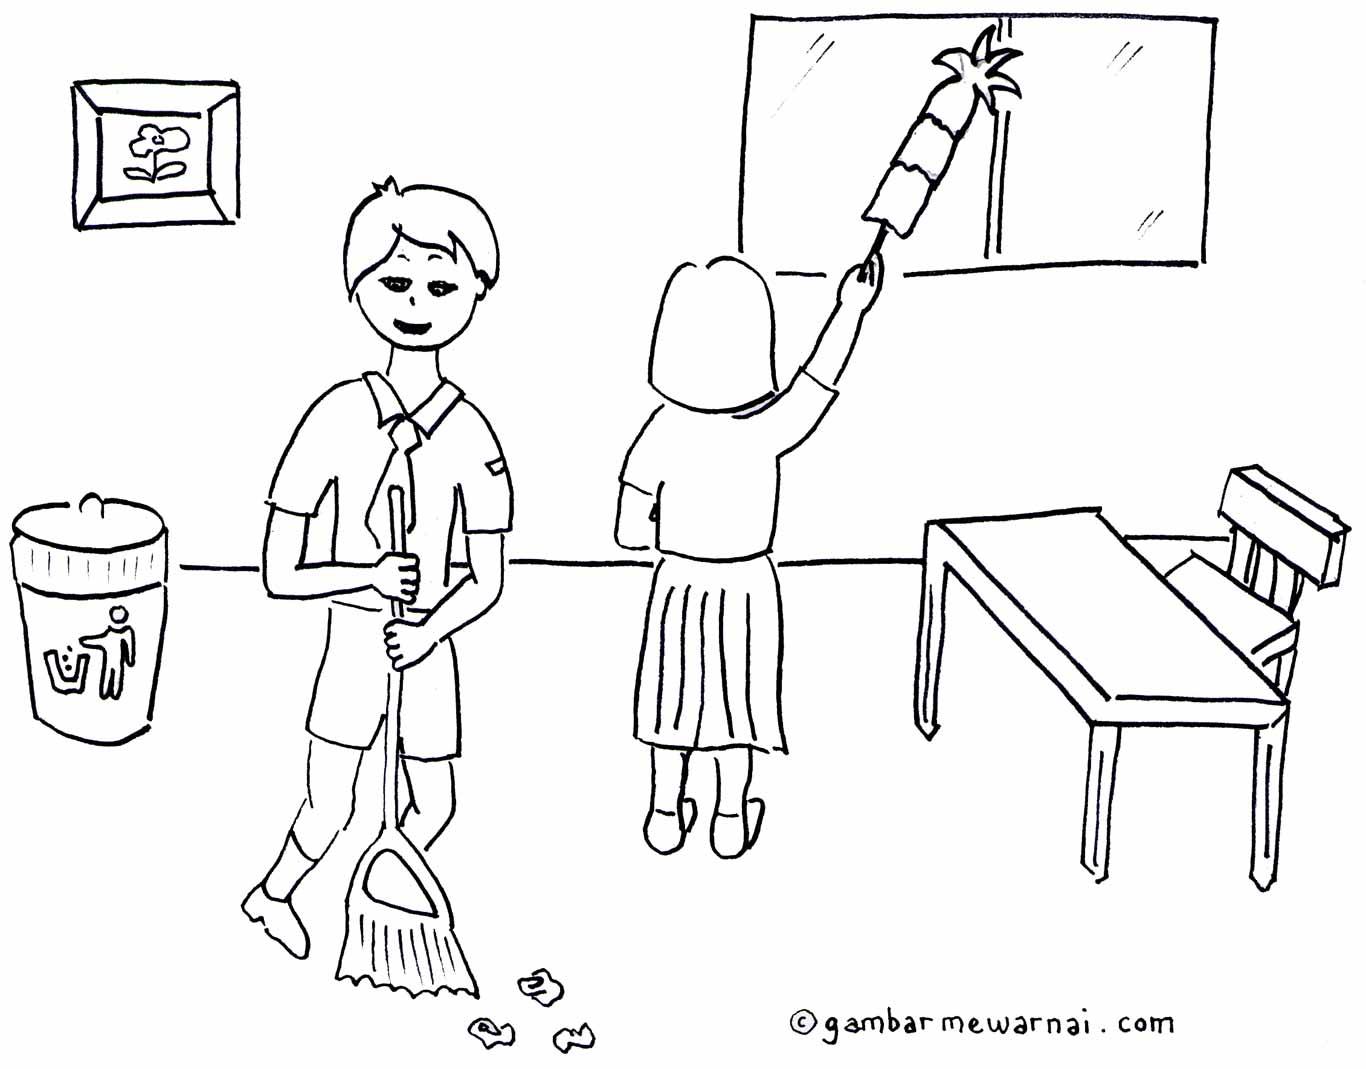 kebersihan lingkungan sekolah – contoh mewarnai kebersihan sekolah